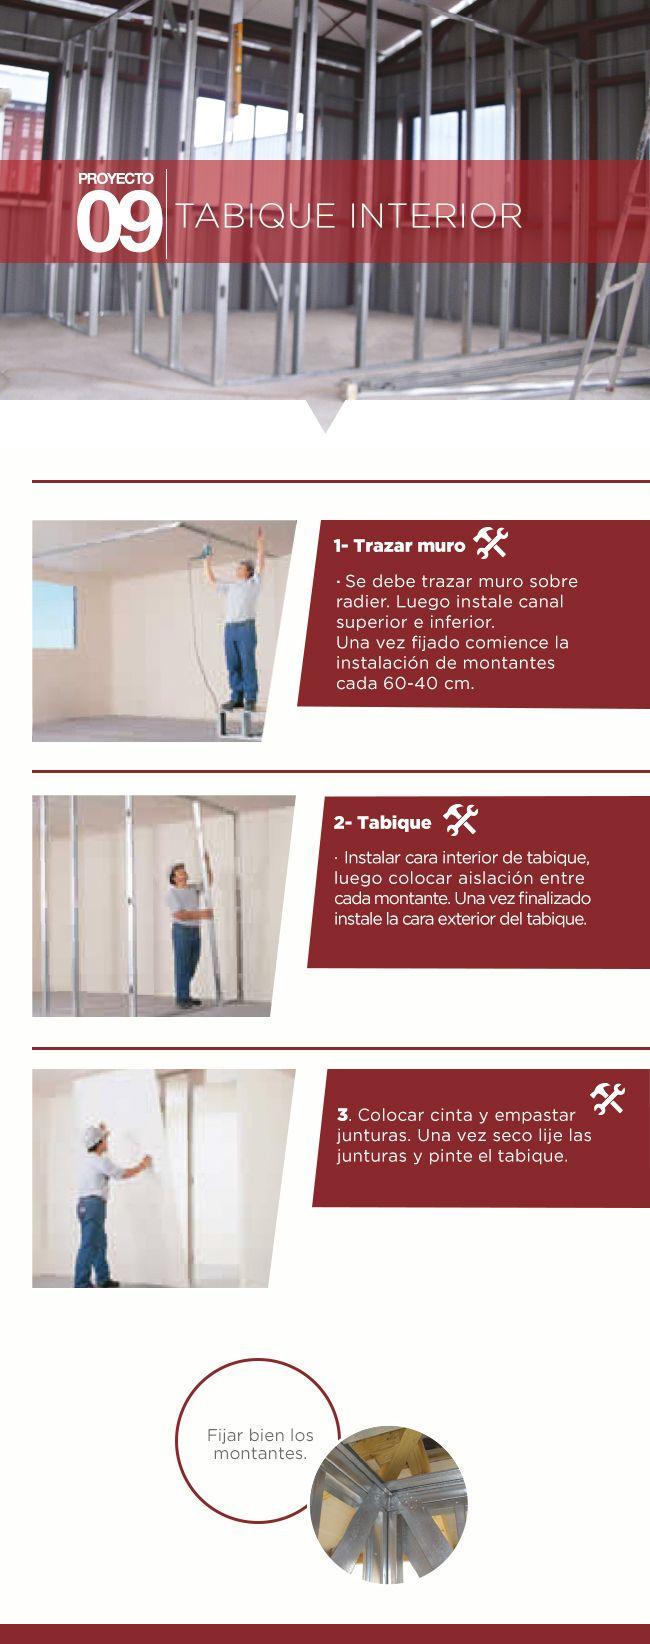 #Tabique #Terminaciones #Consejos #Proyectos #Easy